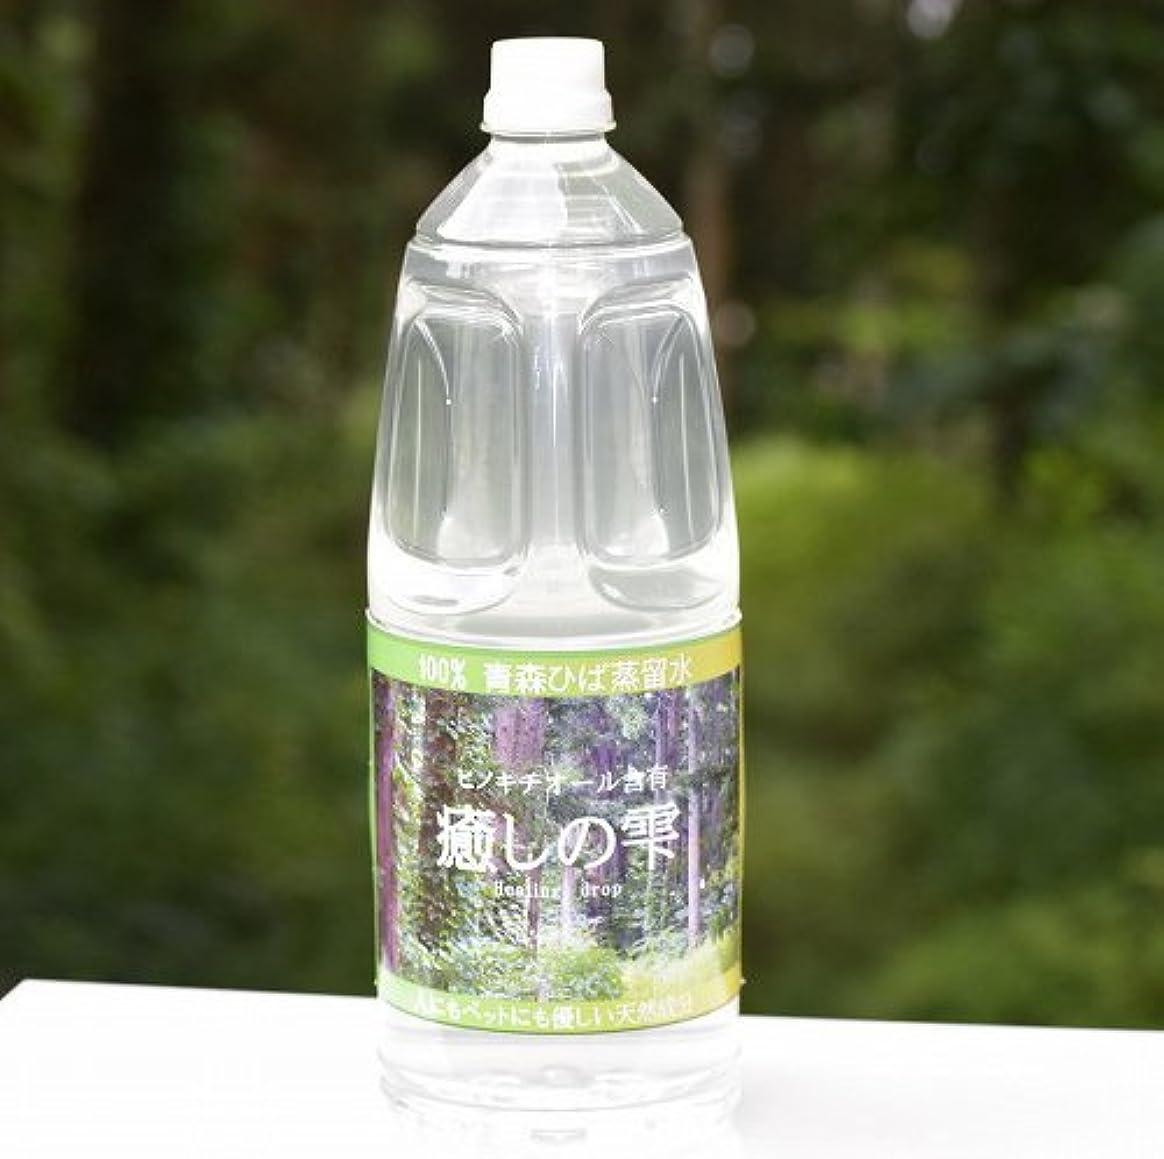 化学者明らかに泣いている青森ひば 天然ヒバ水 癒しの雫 蒸留水 送料無料 1.8L×3本